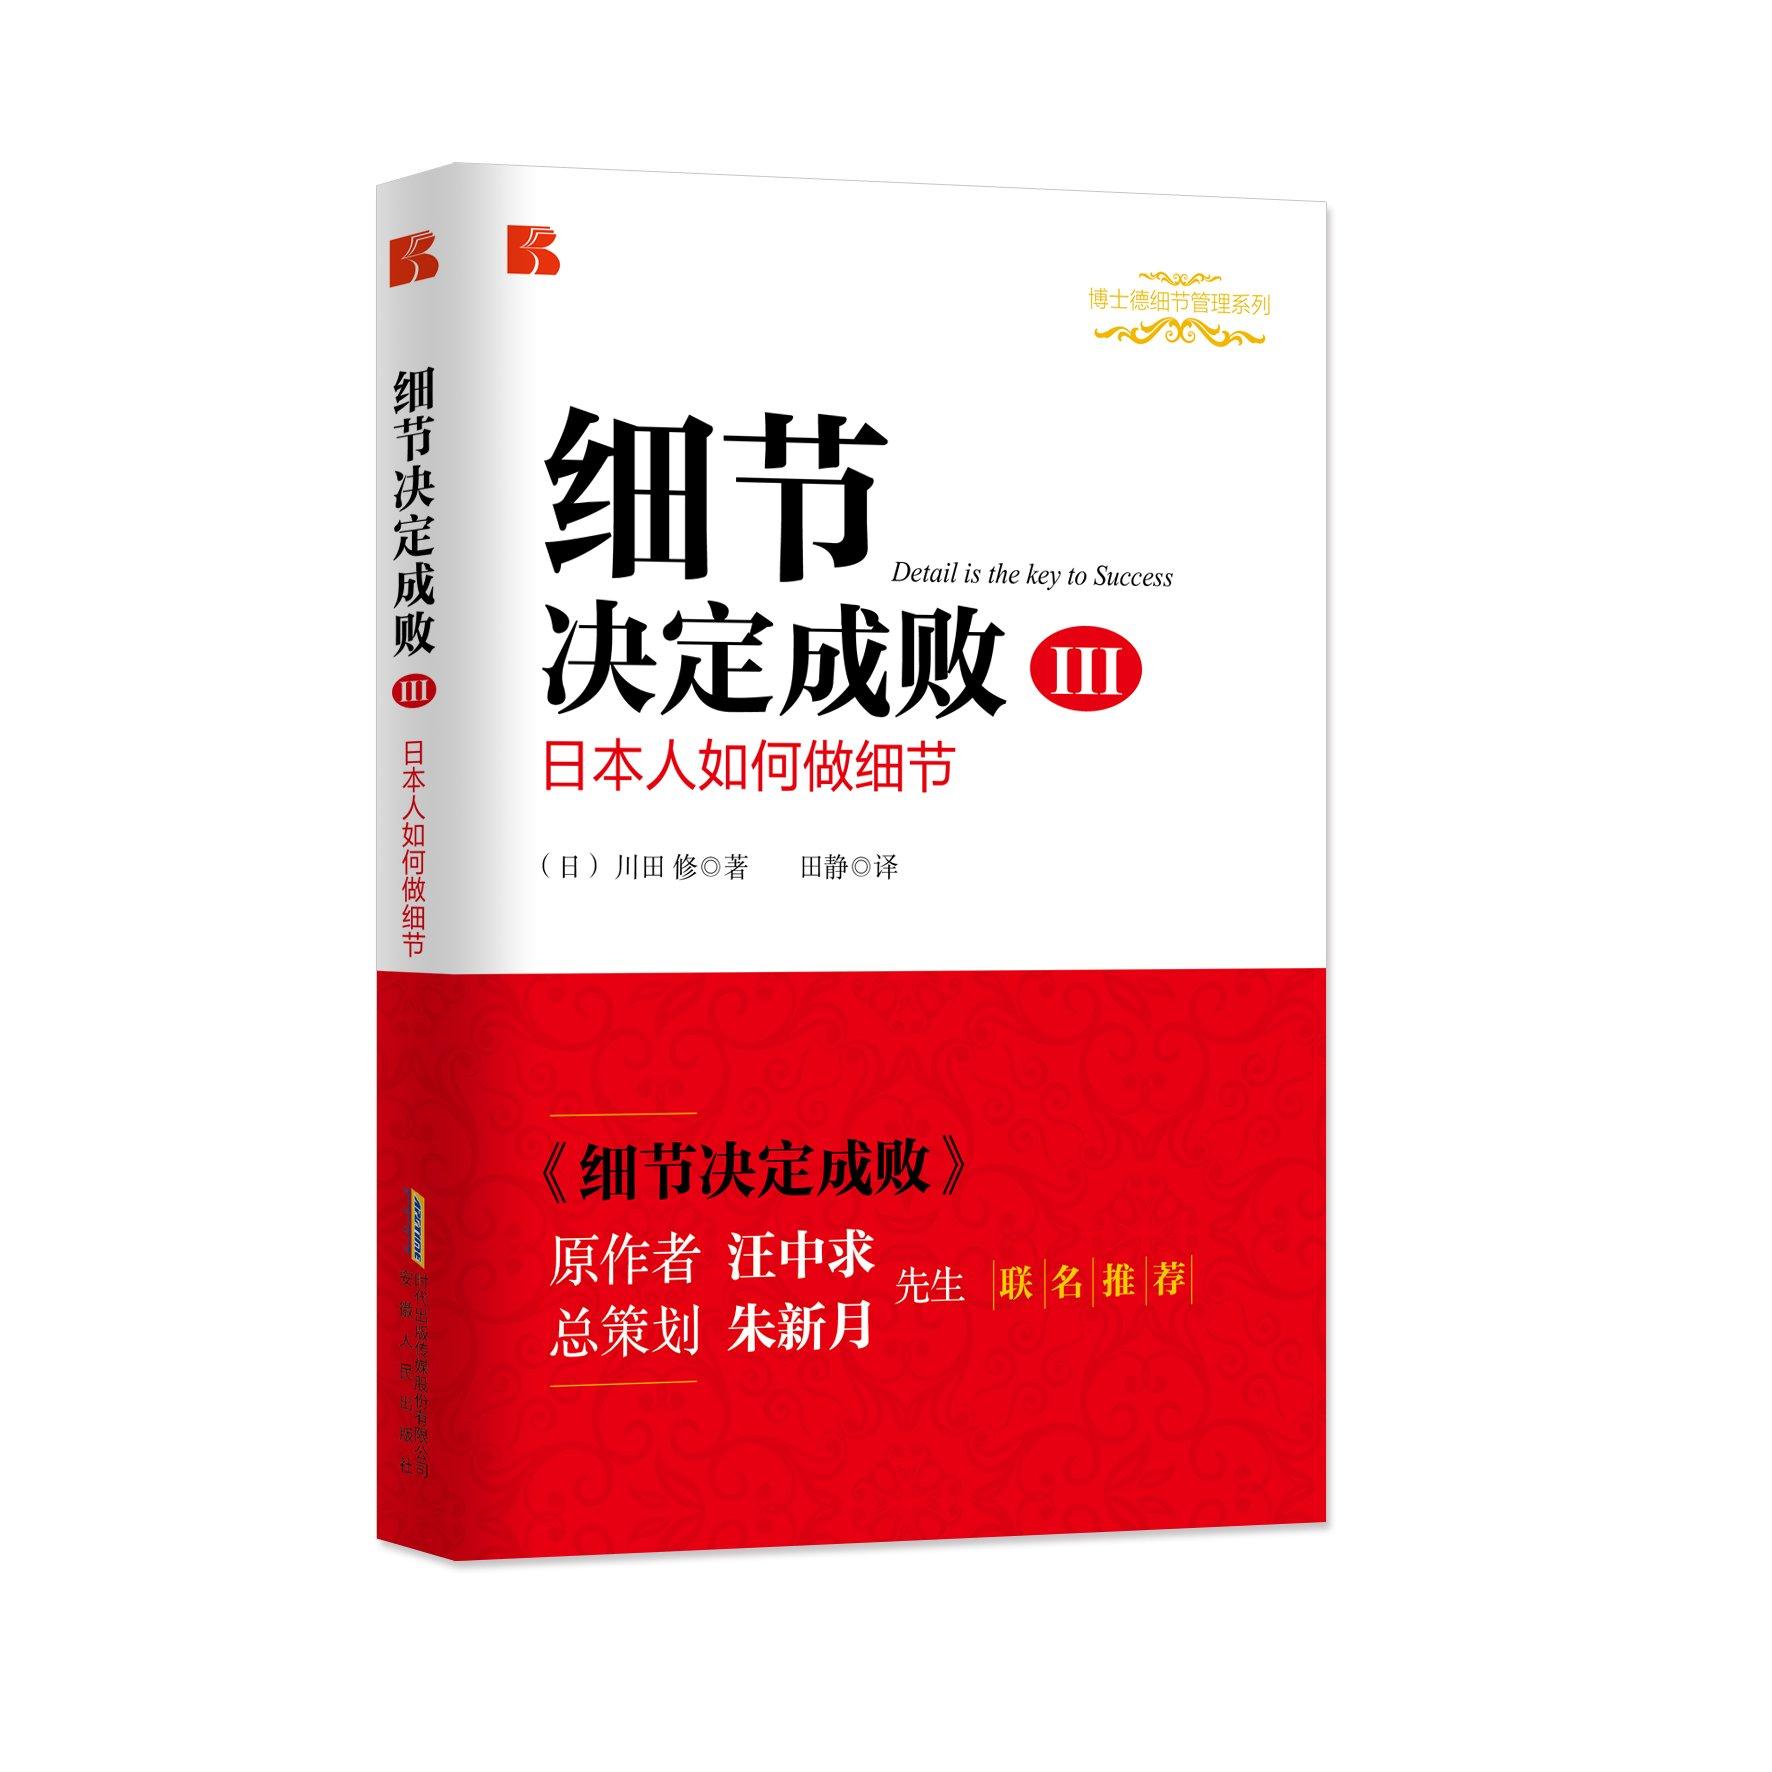 细节决定成败(Ⅲ日本人如何做细节)/博士德细节管理系列 ebook